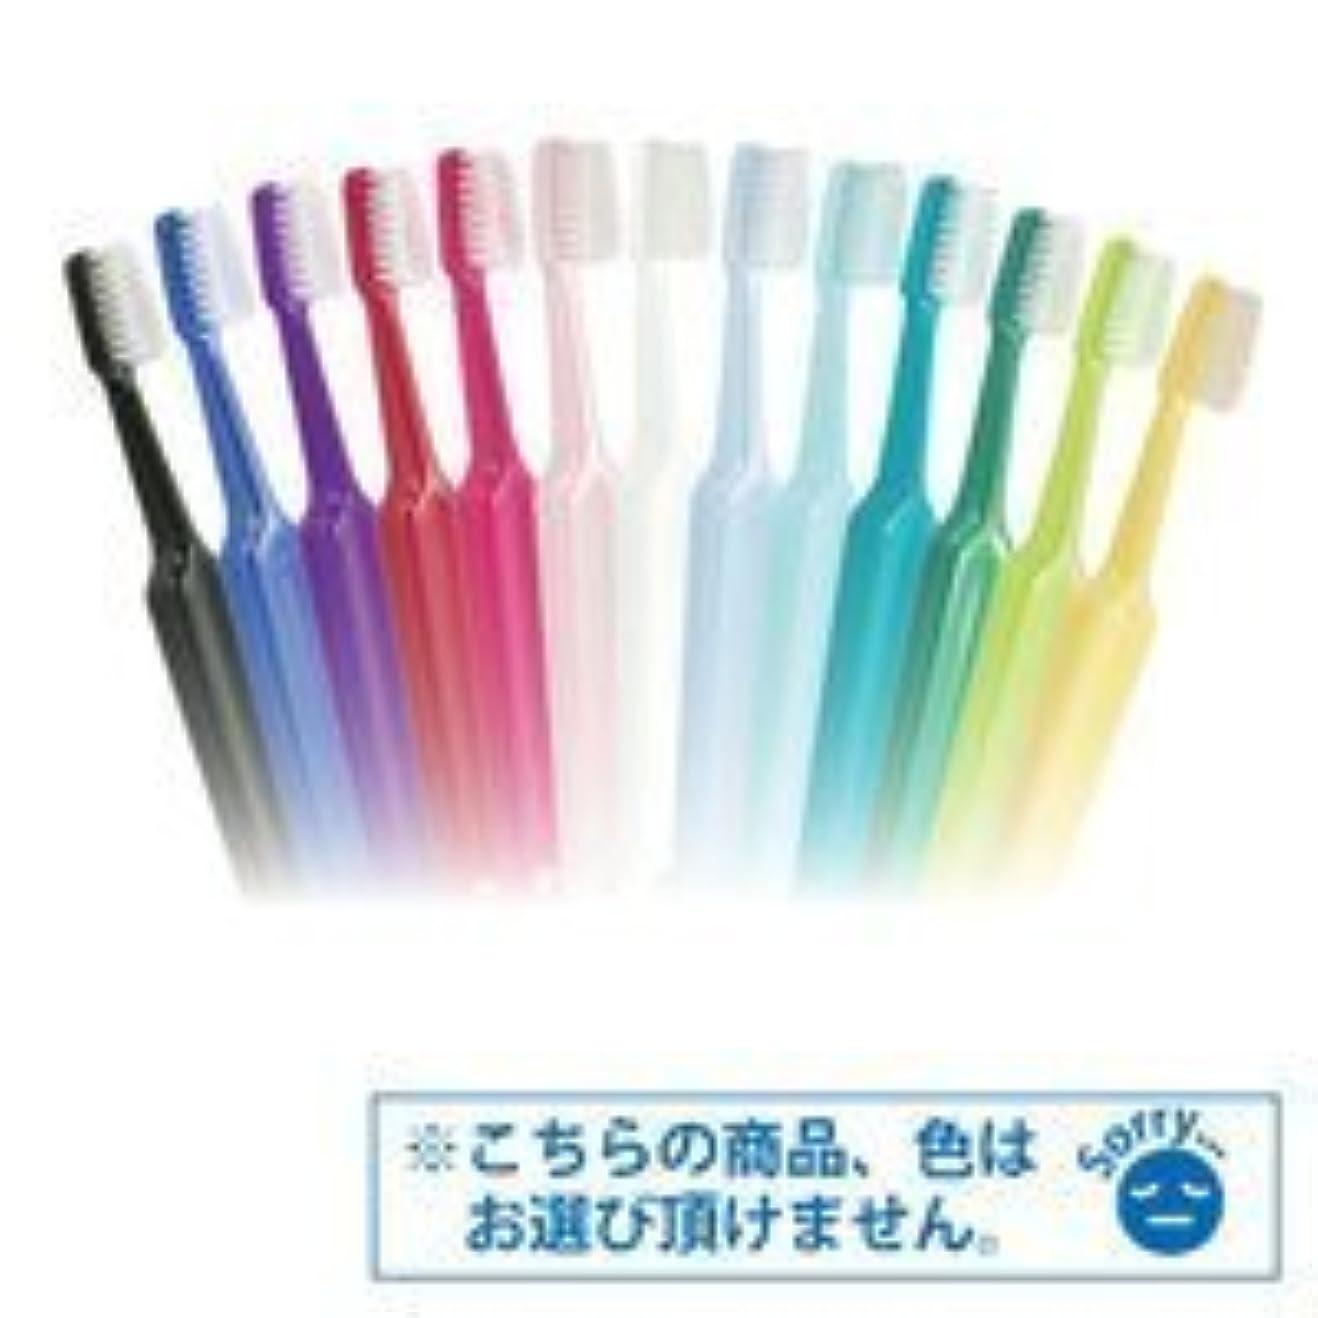 具体的にチューブ特異なTepe歯ブラシ セレクトコンパクト/ミディアム 25本/箱